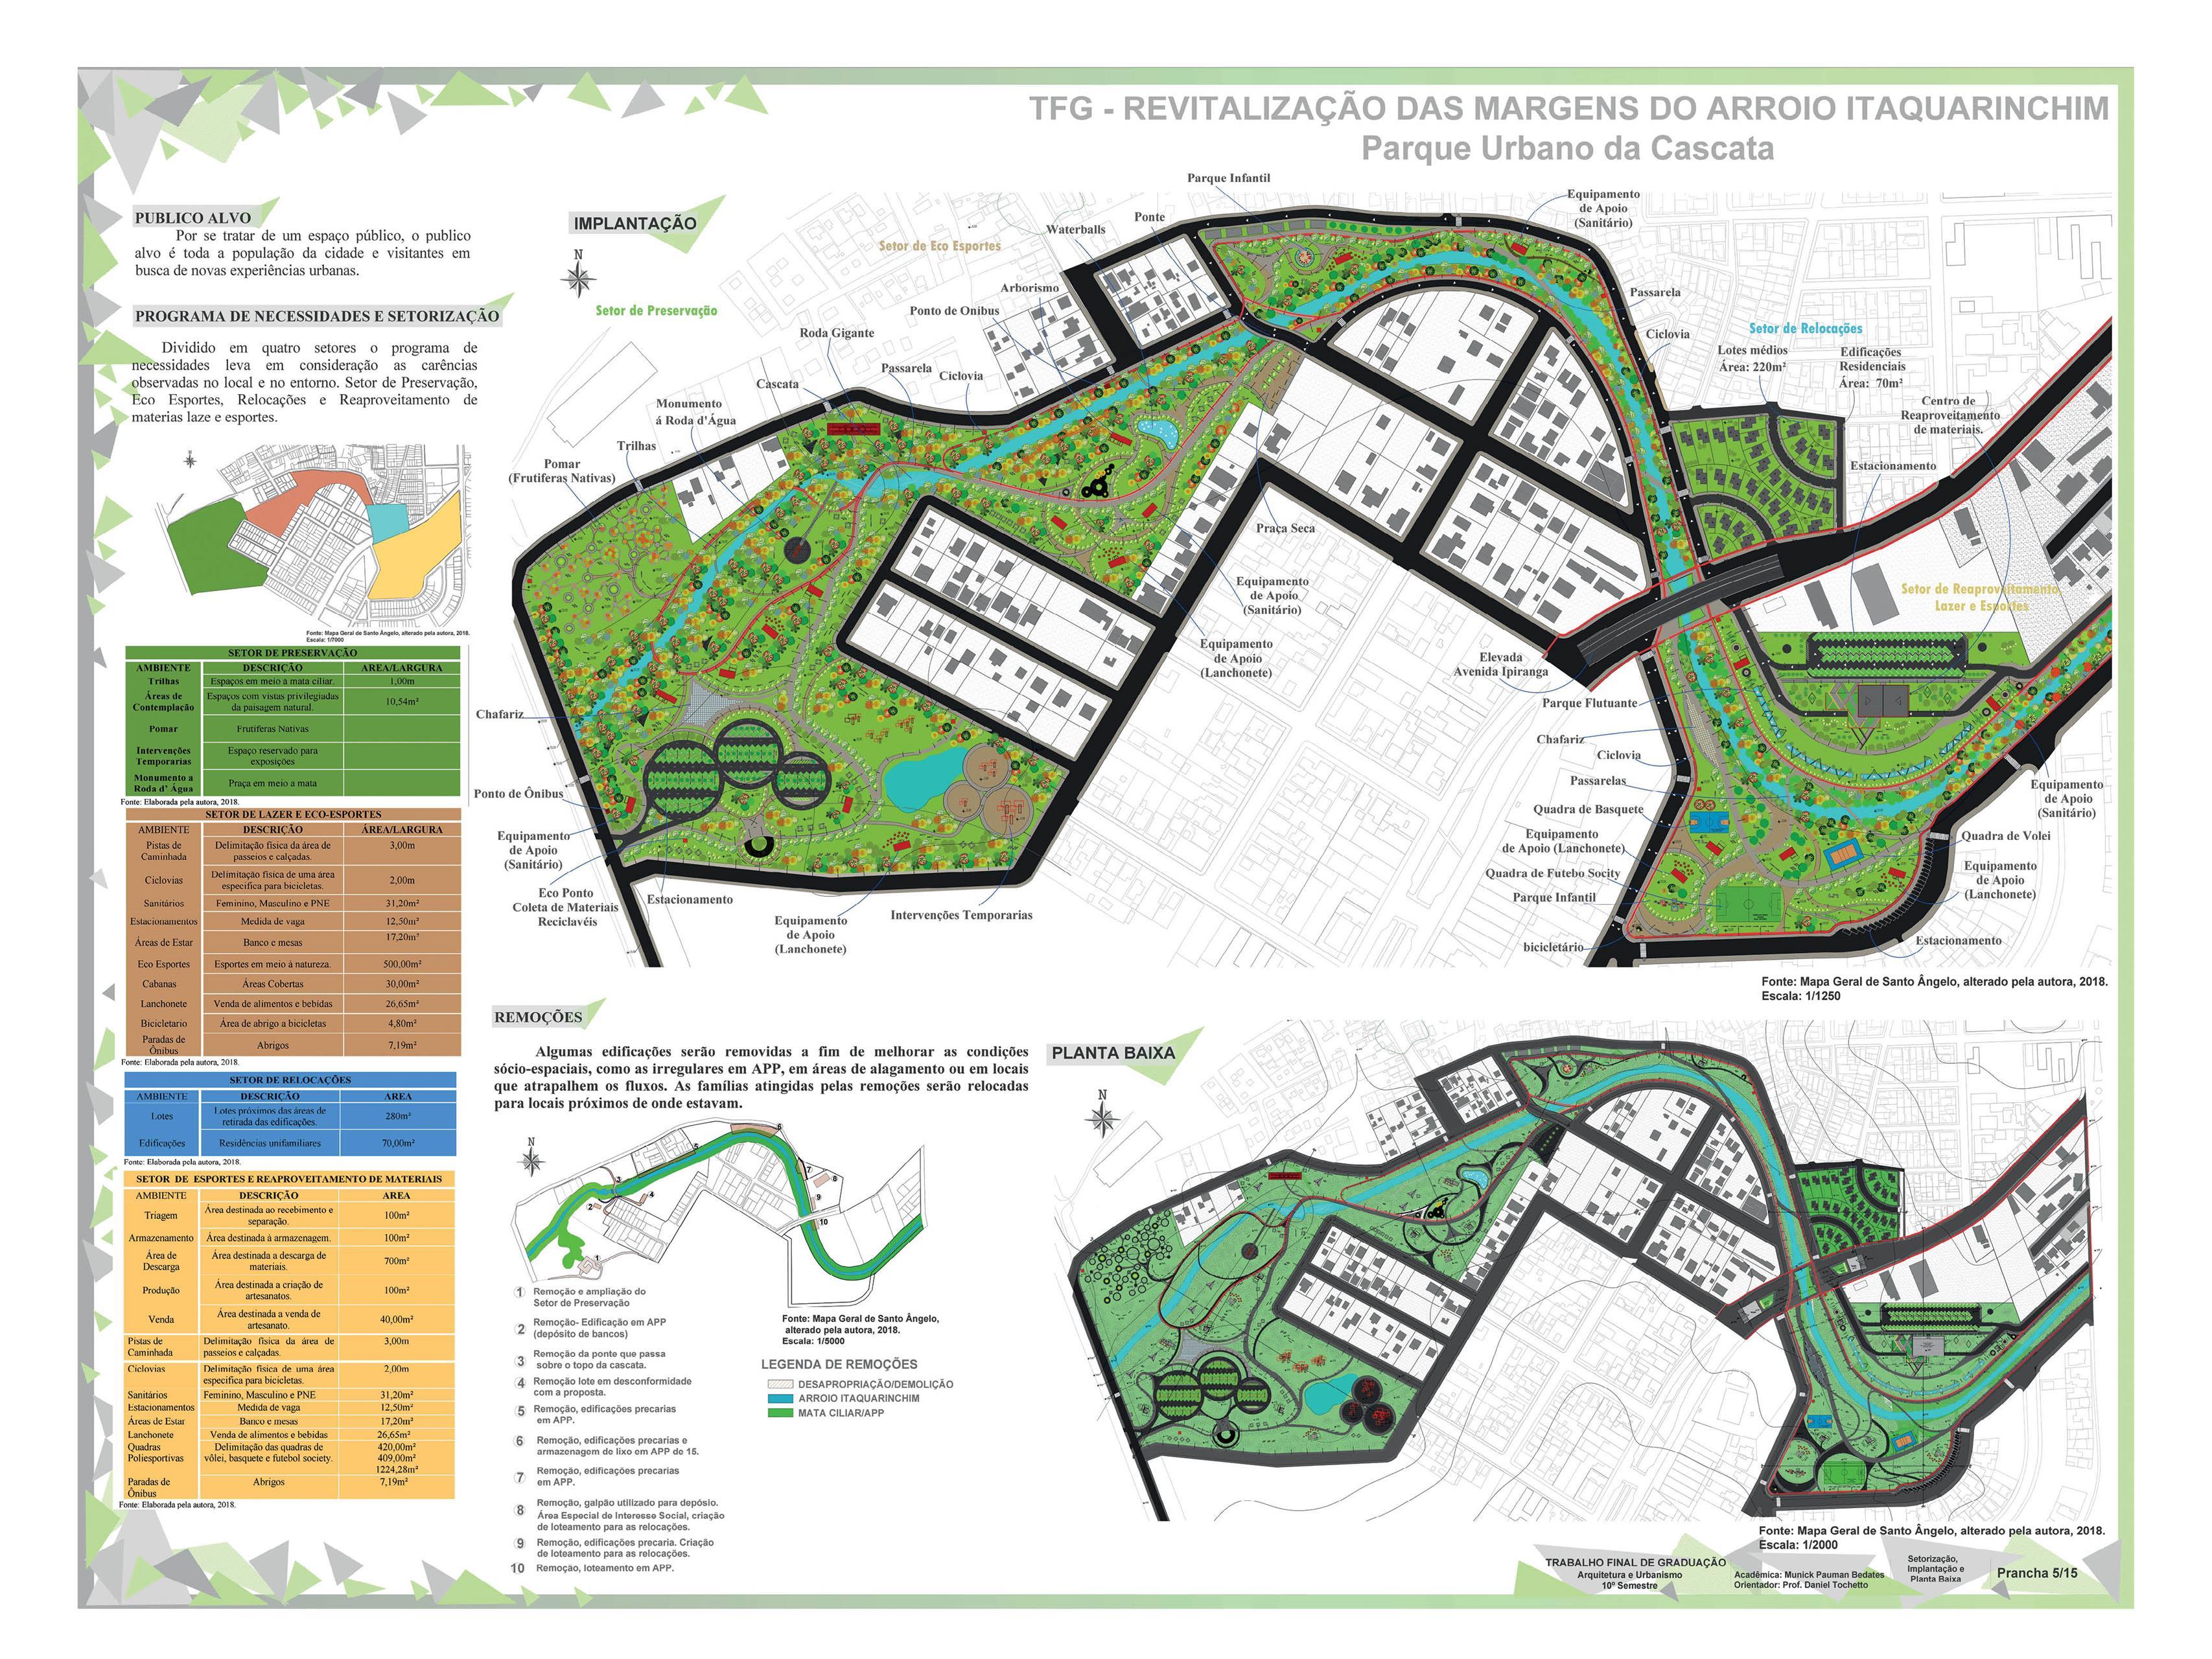 Revitalização das Margens do Arroio Itaquarinchim - Parque Urbano da Cascata5 (Copy)